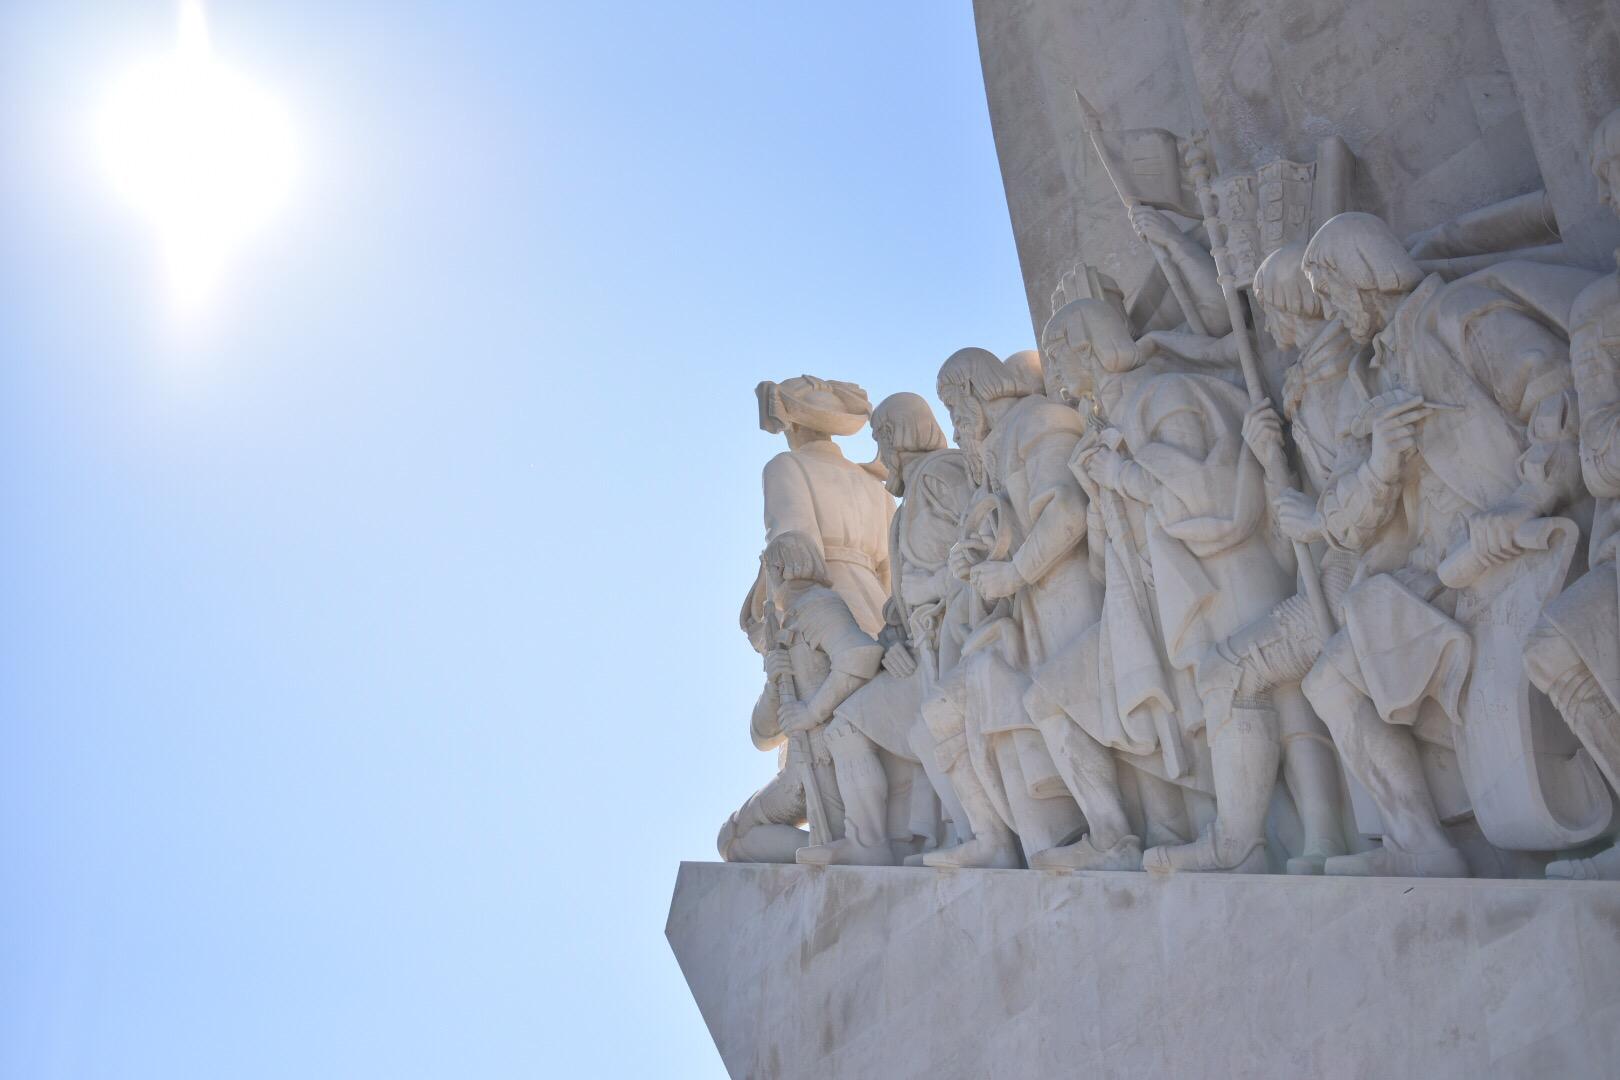 世界遺産ジェロニモス修道院:ポルトガル観光(4) \u2013 Paddington365